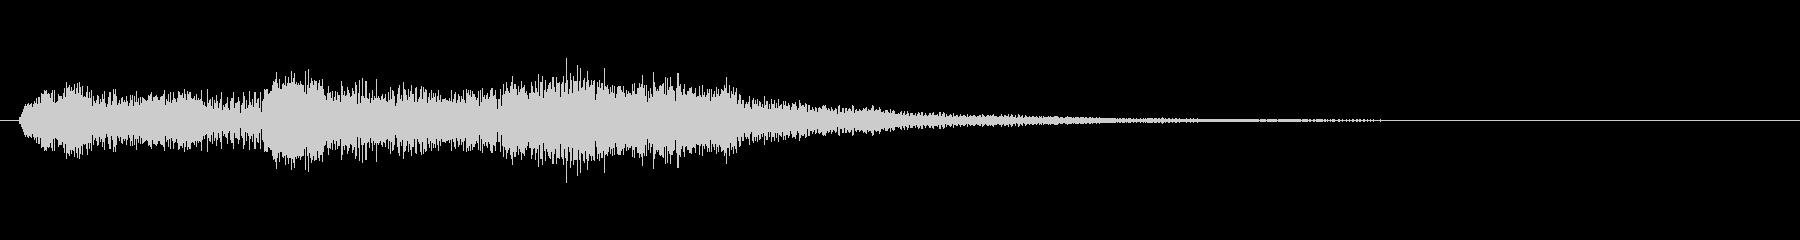 生演奏リコーダーでドレミの音終了音風の未再生の波形